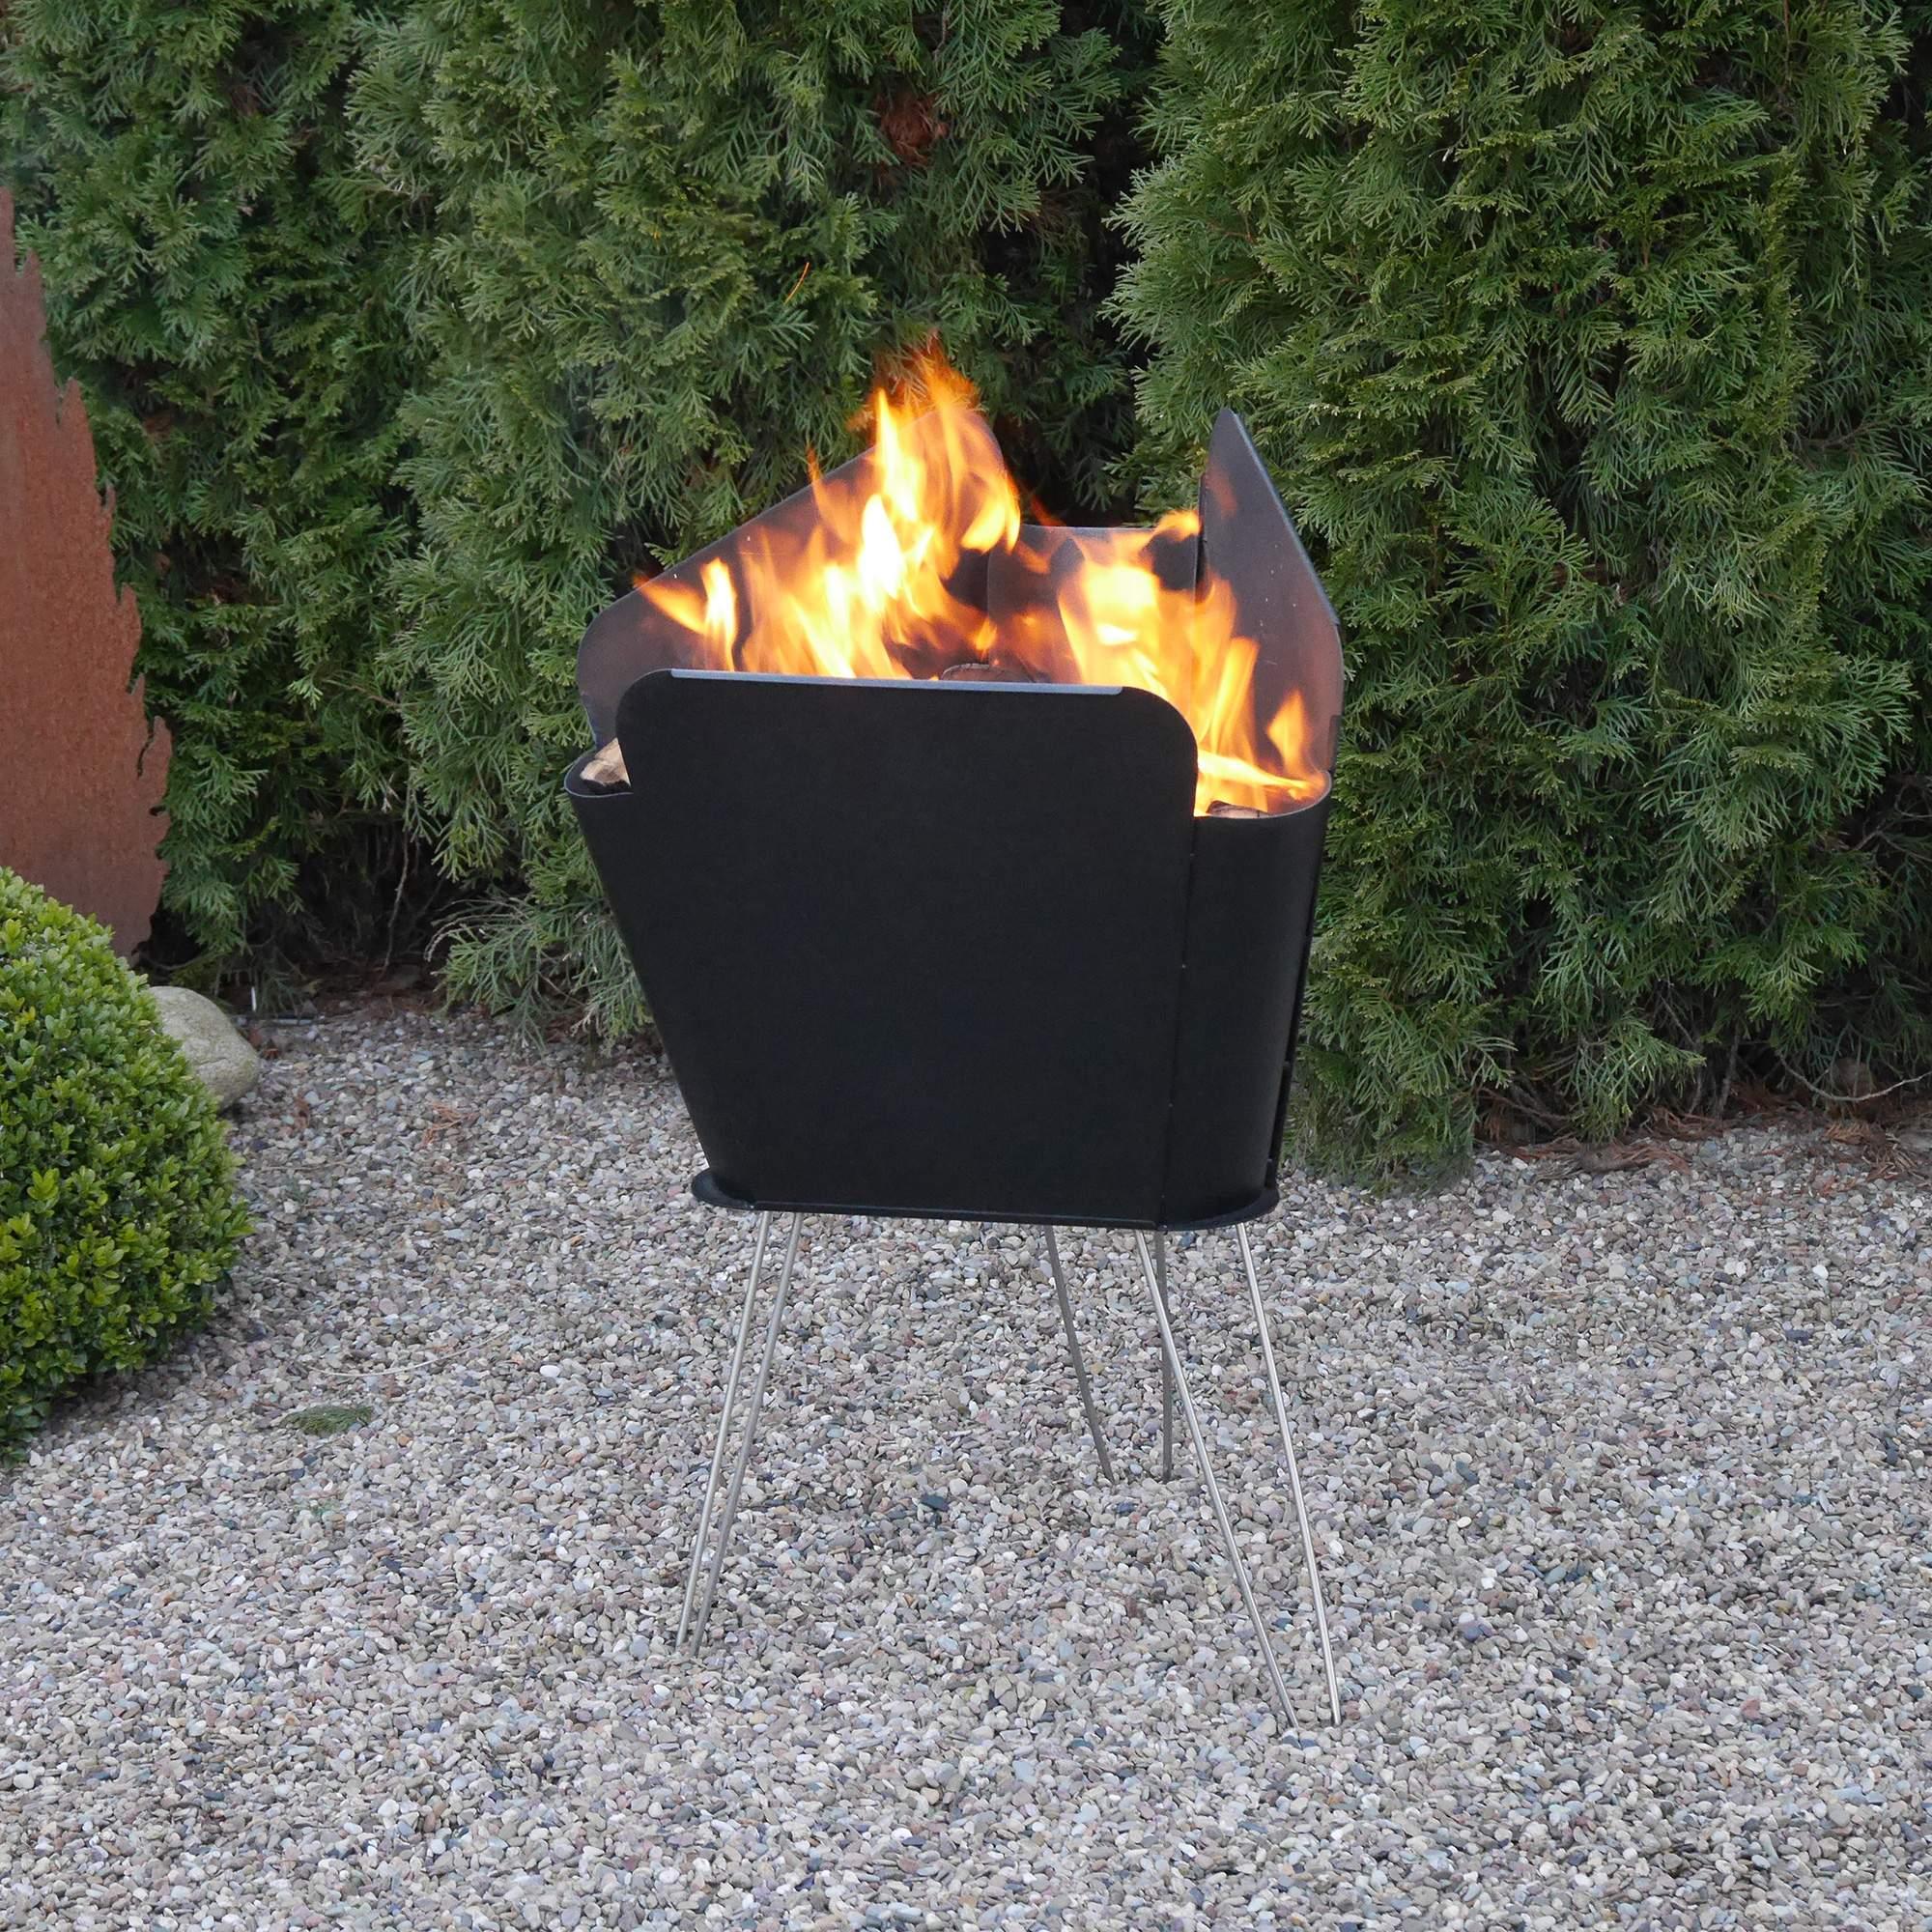 Feuerstelle Im Garten Reizend Vasner Merive M2 Feuerkorb Garten